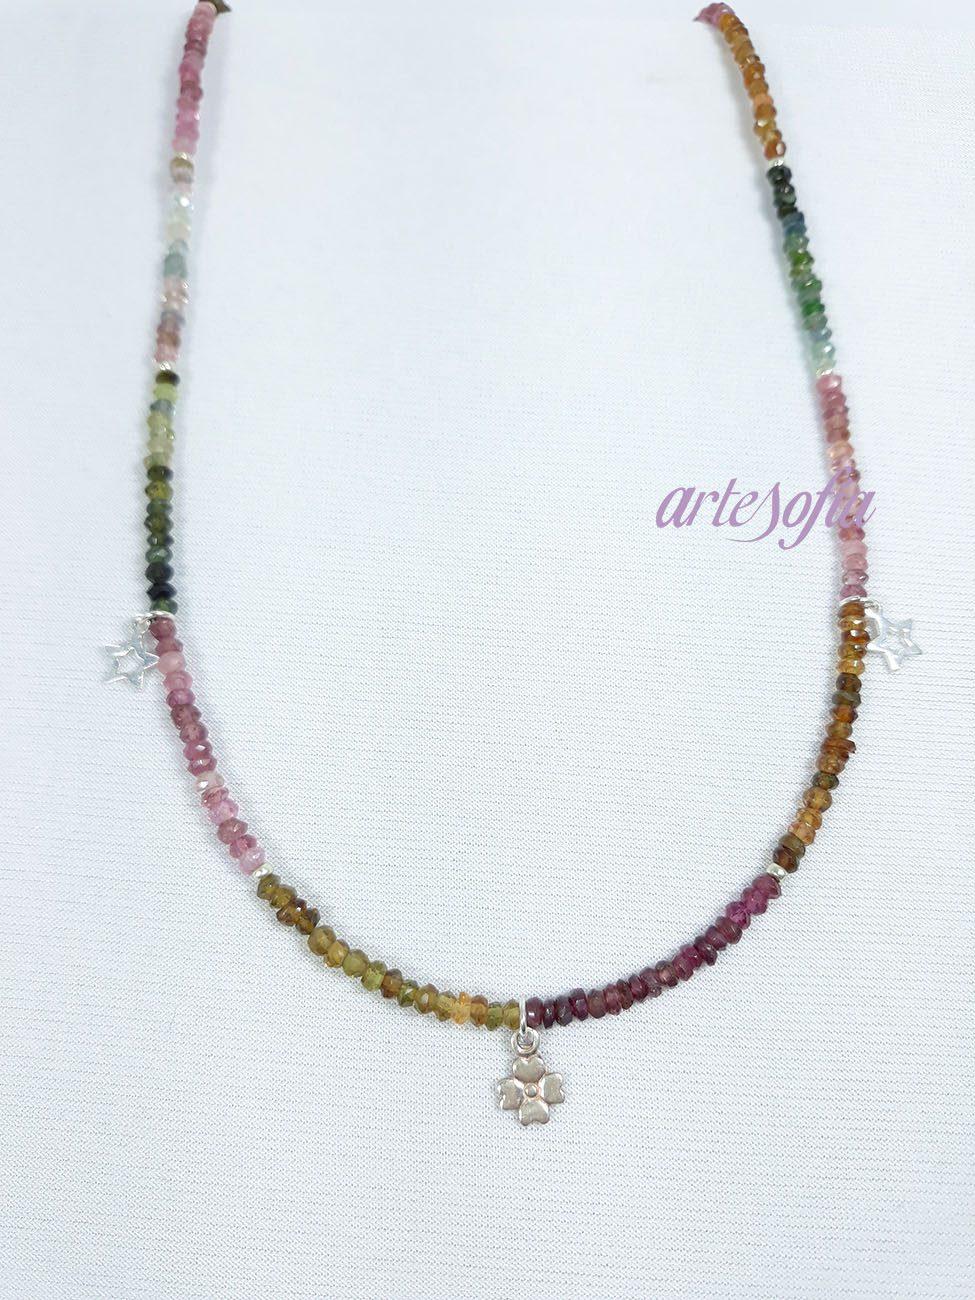 Gargantilla Turmalina Multicolor con colgantes Plata. Artesofía.